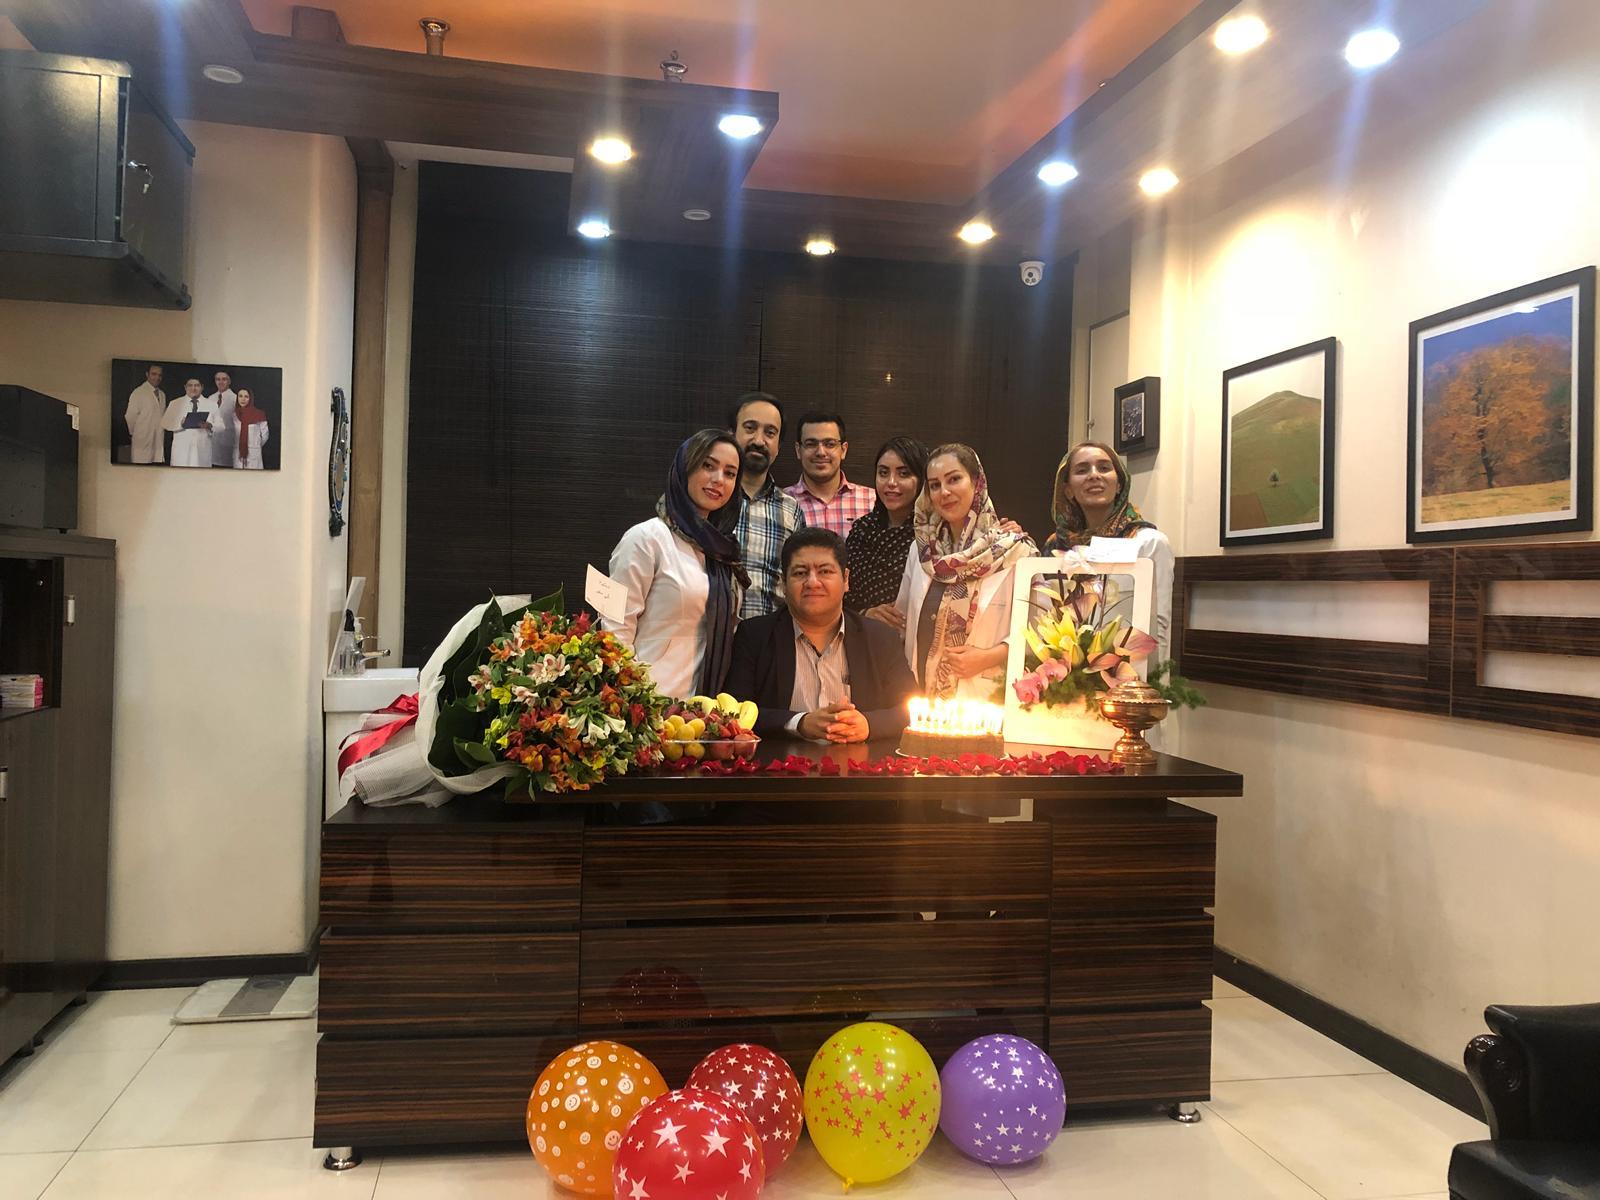 تولد دکتر گیو شریفی - اردیبهشت 98